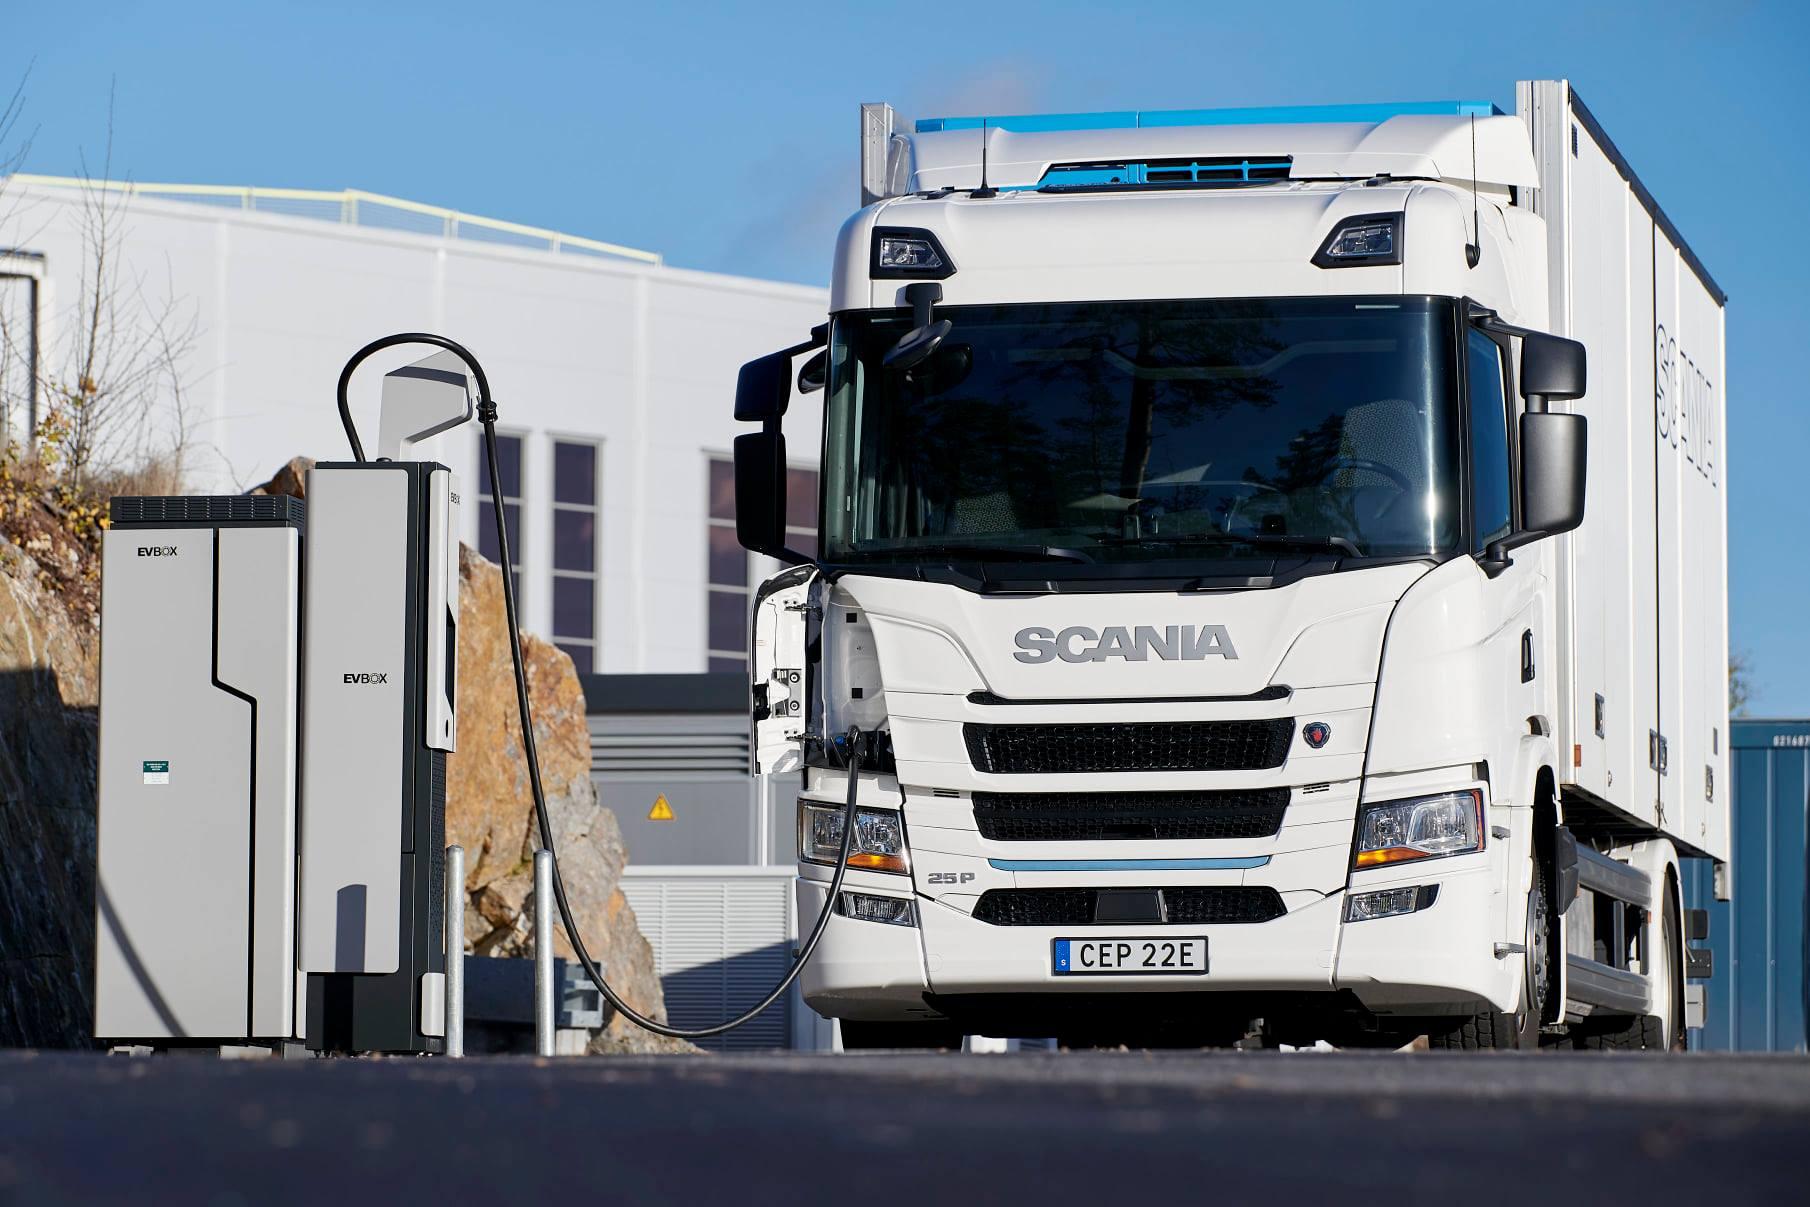 Scania и ENGIE объединяют усилия для развития инфраструктуры зарядных станций под электрогрузовики и автобусы